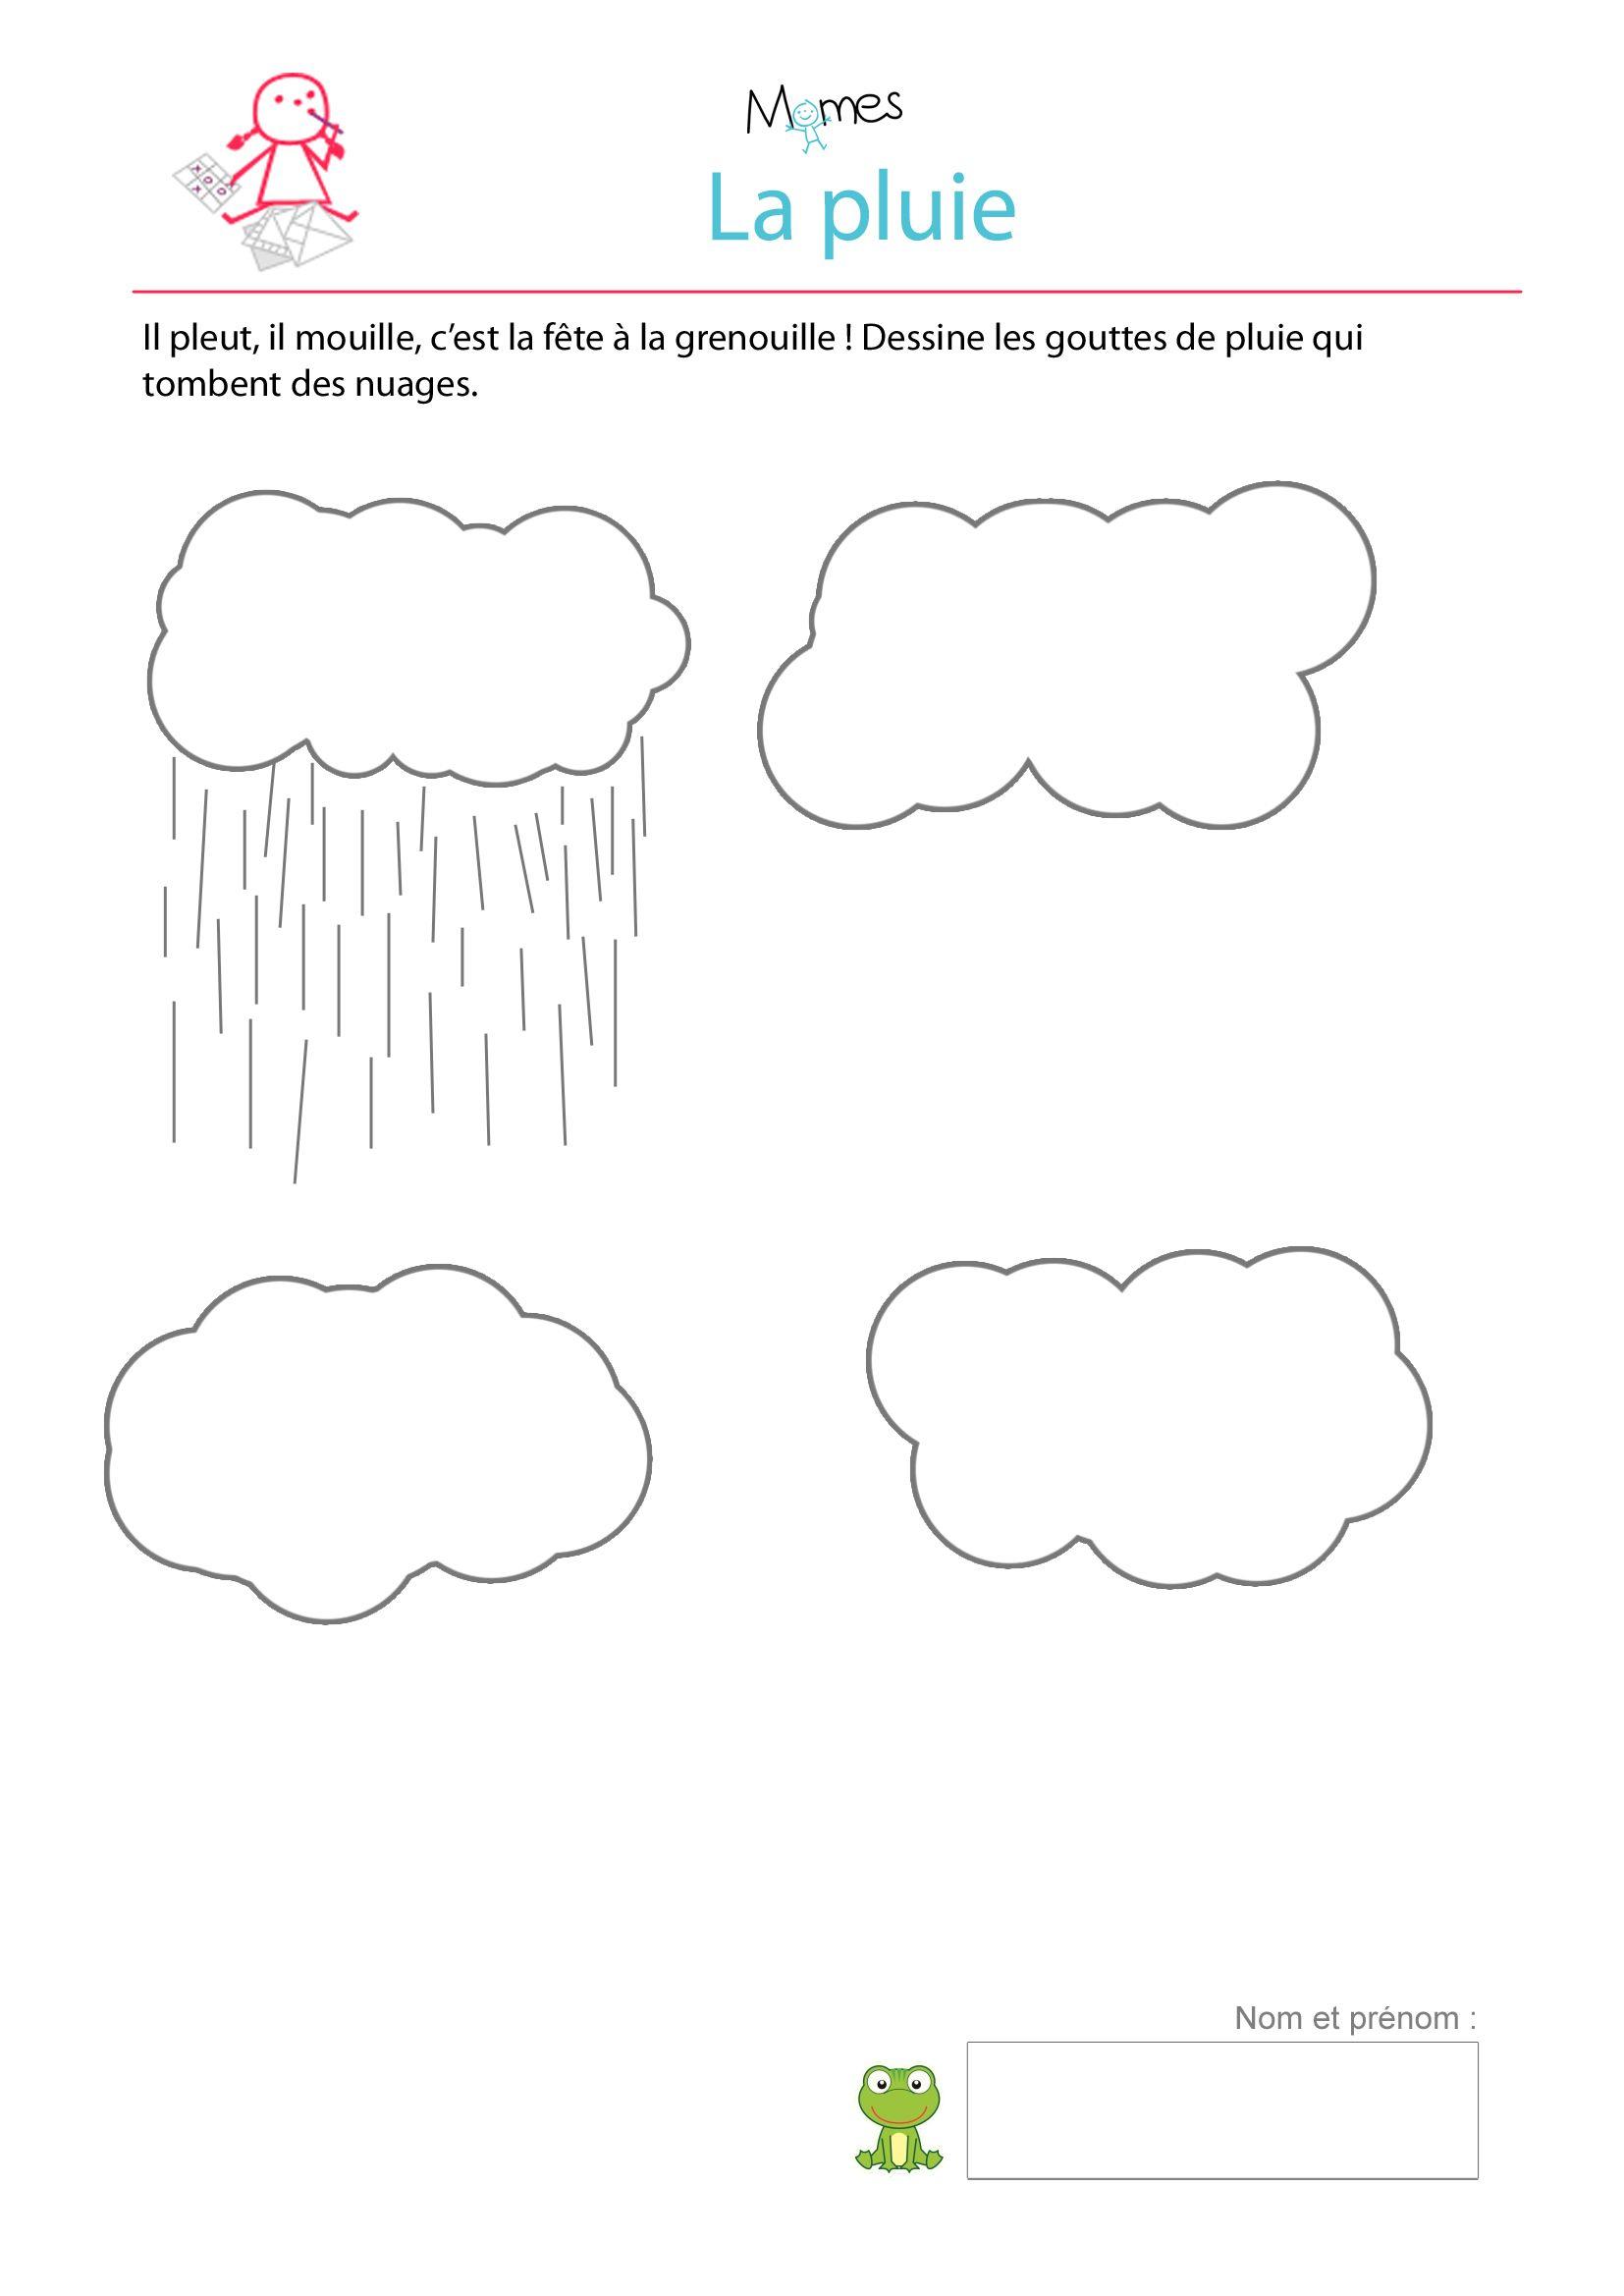 Dessine La Pluie - Exercice À Imprimer | Exercice Petite à Exercice Maternelle Moyenne Section À Imprimer